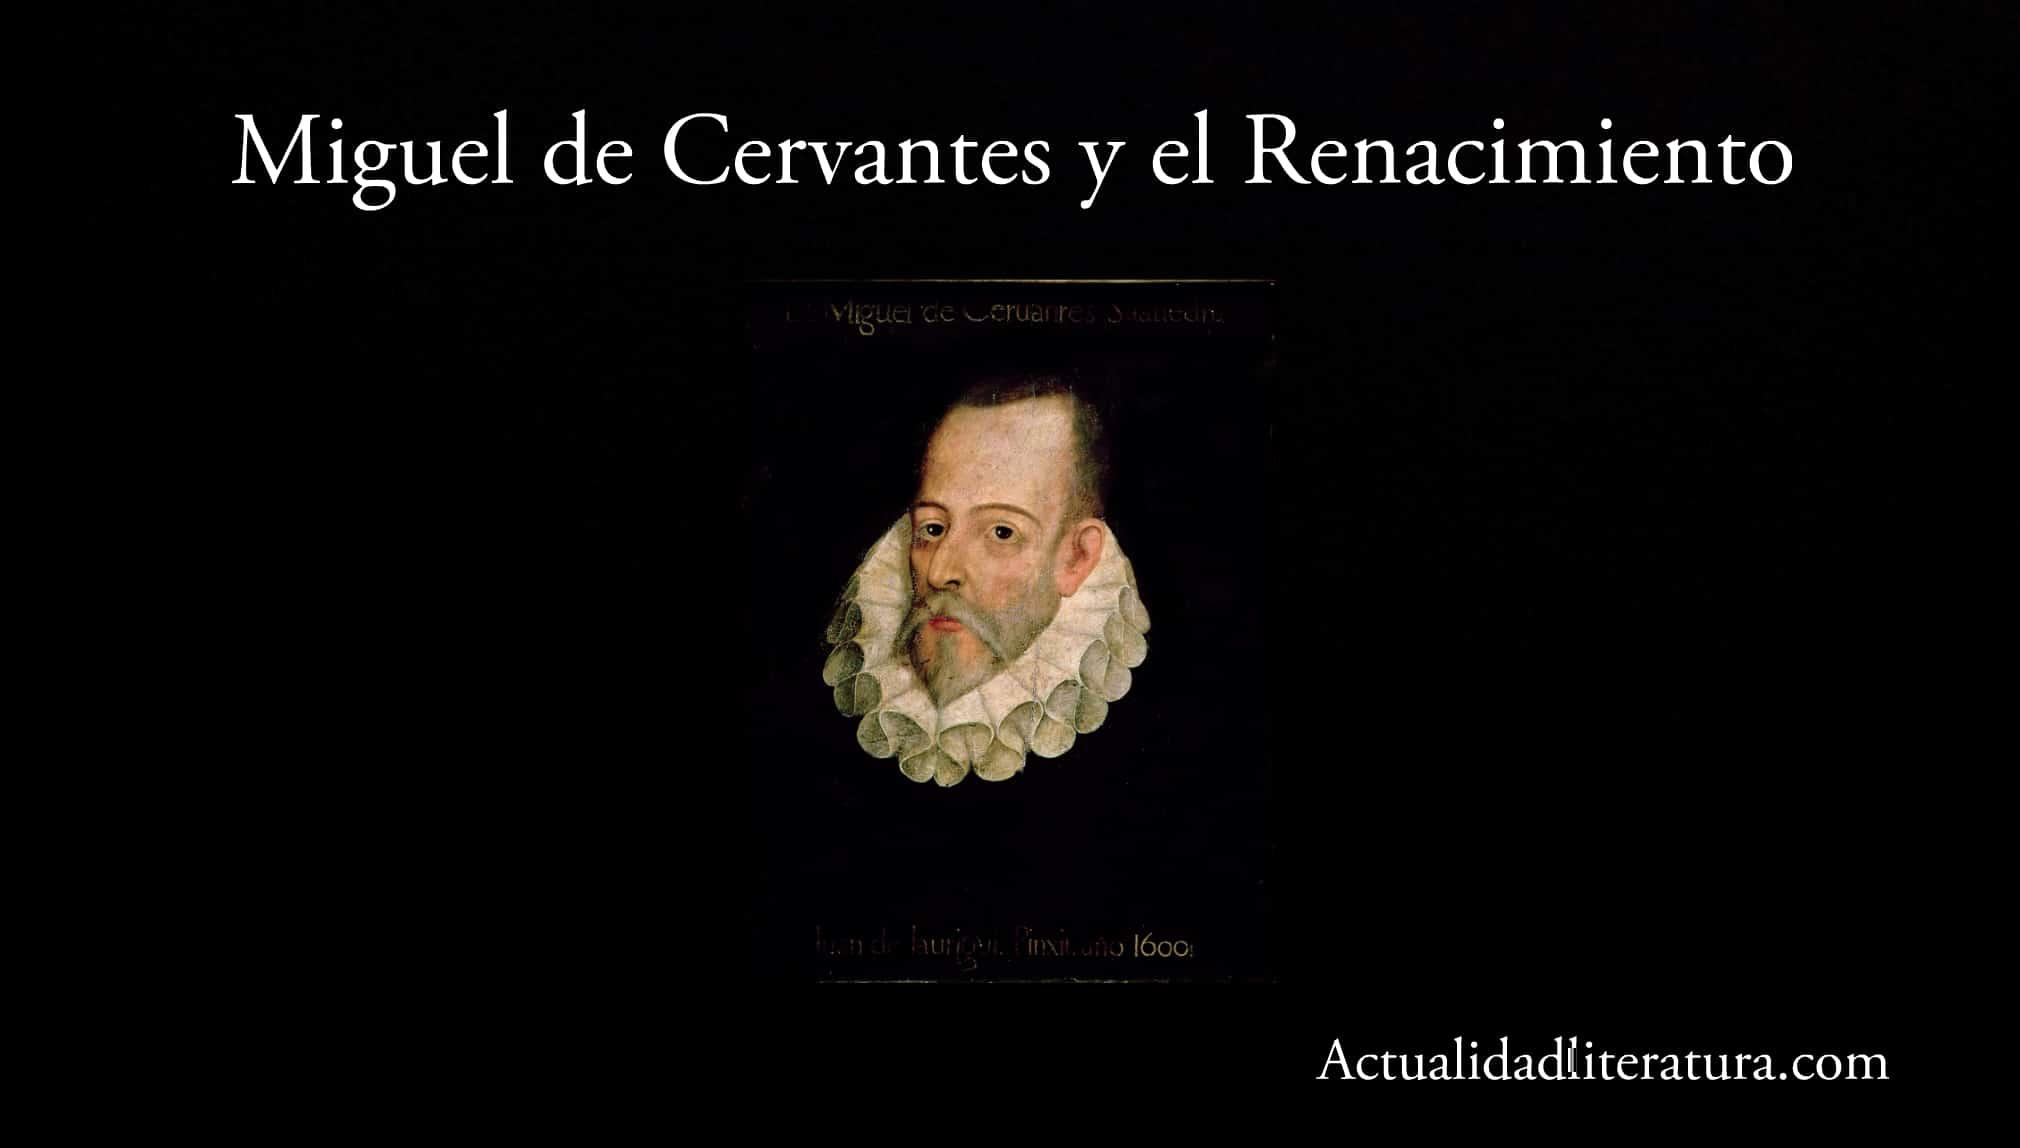 Miguel de Cervantes y el Renacimiento.